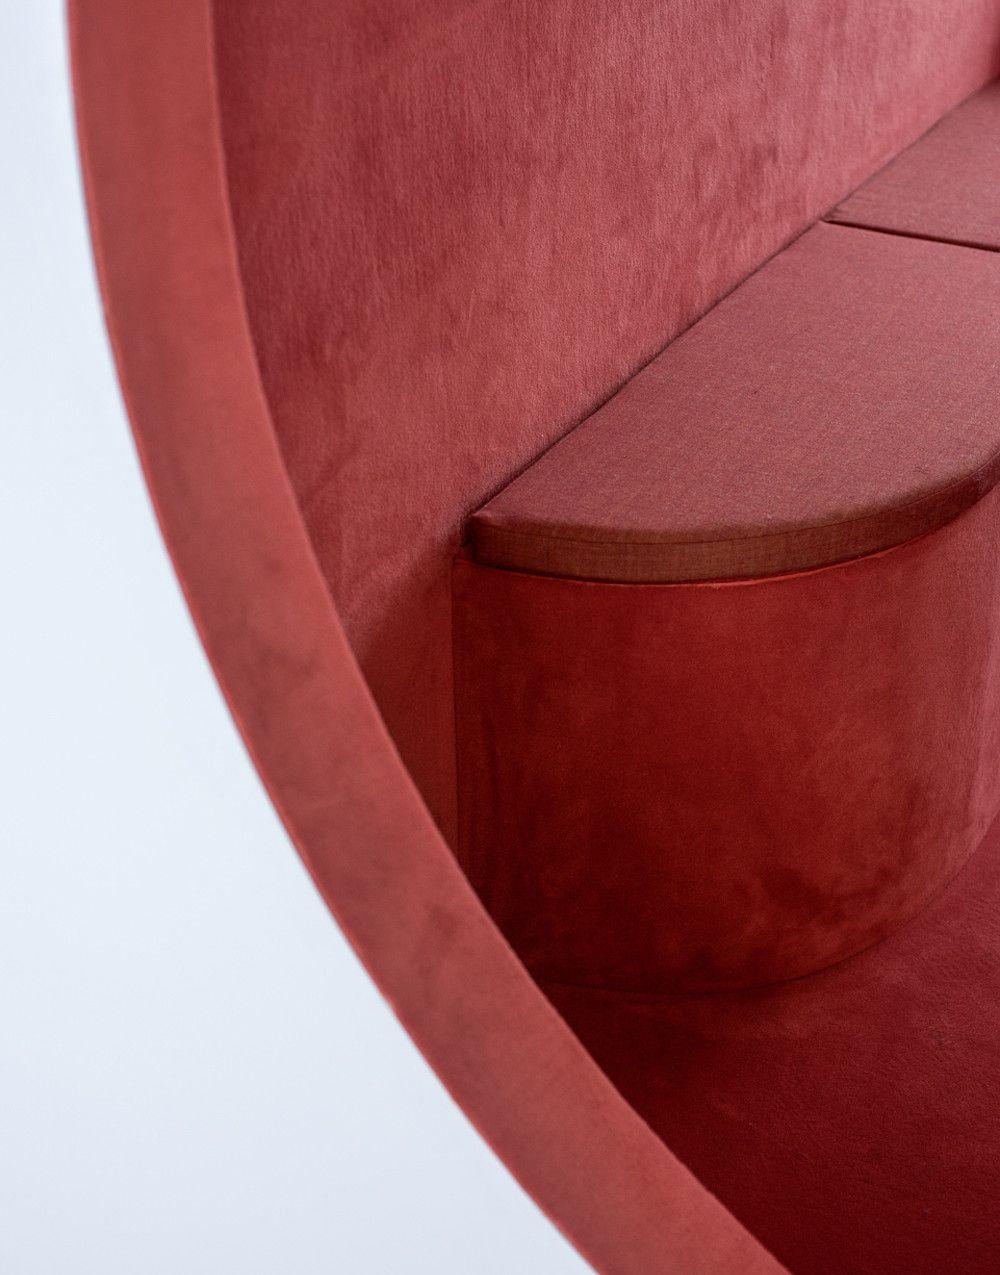 Kvistad Design Studio Norwegian Design Design Studio Design